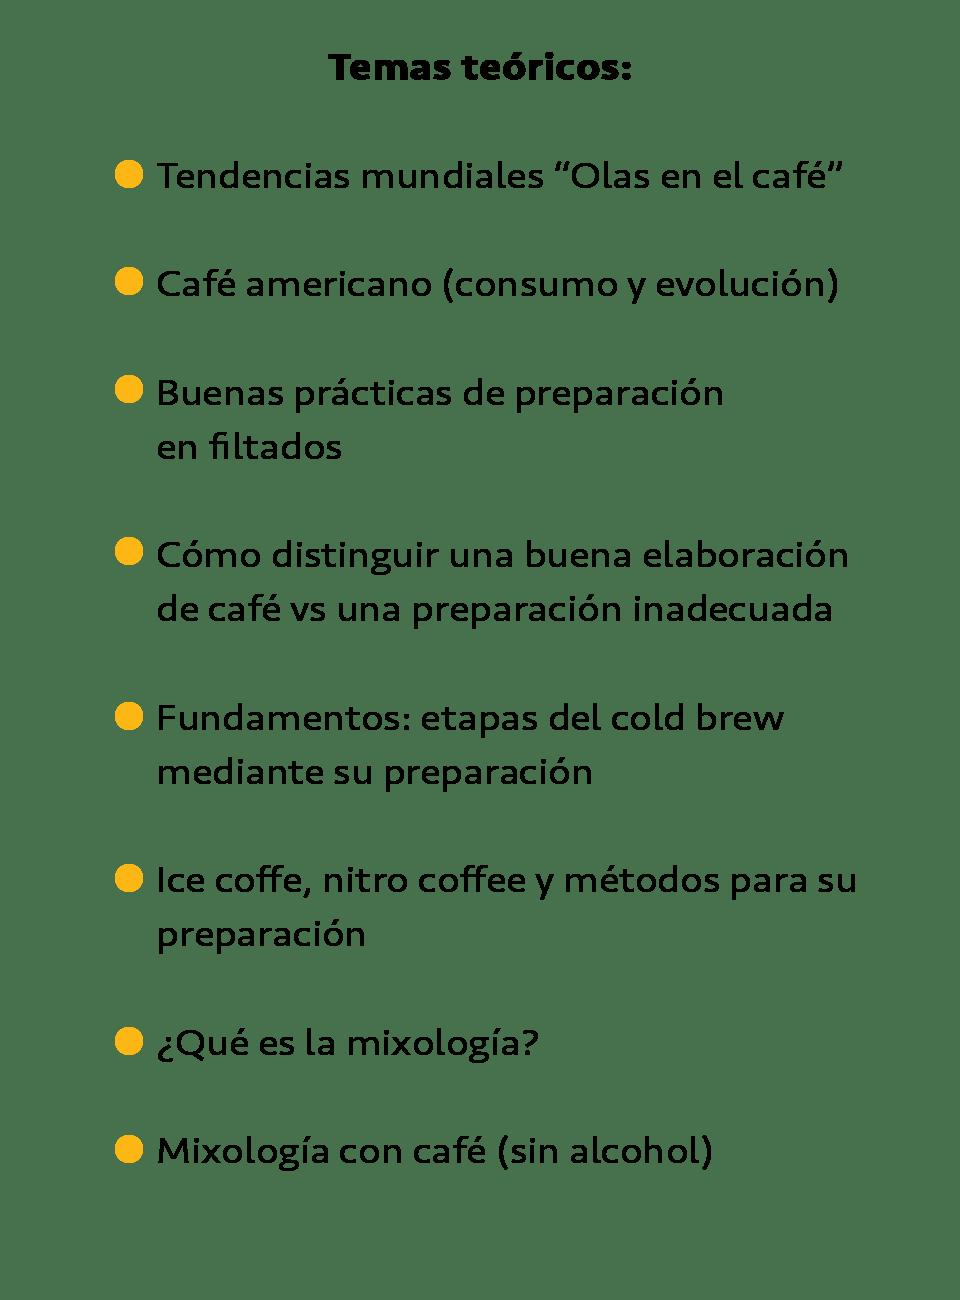 Temas teóricos taller de brew bar cold brew mixología